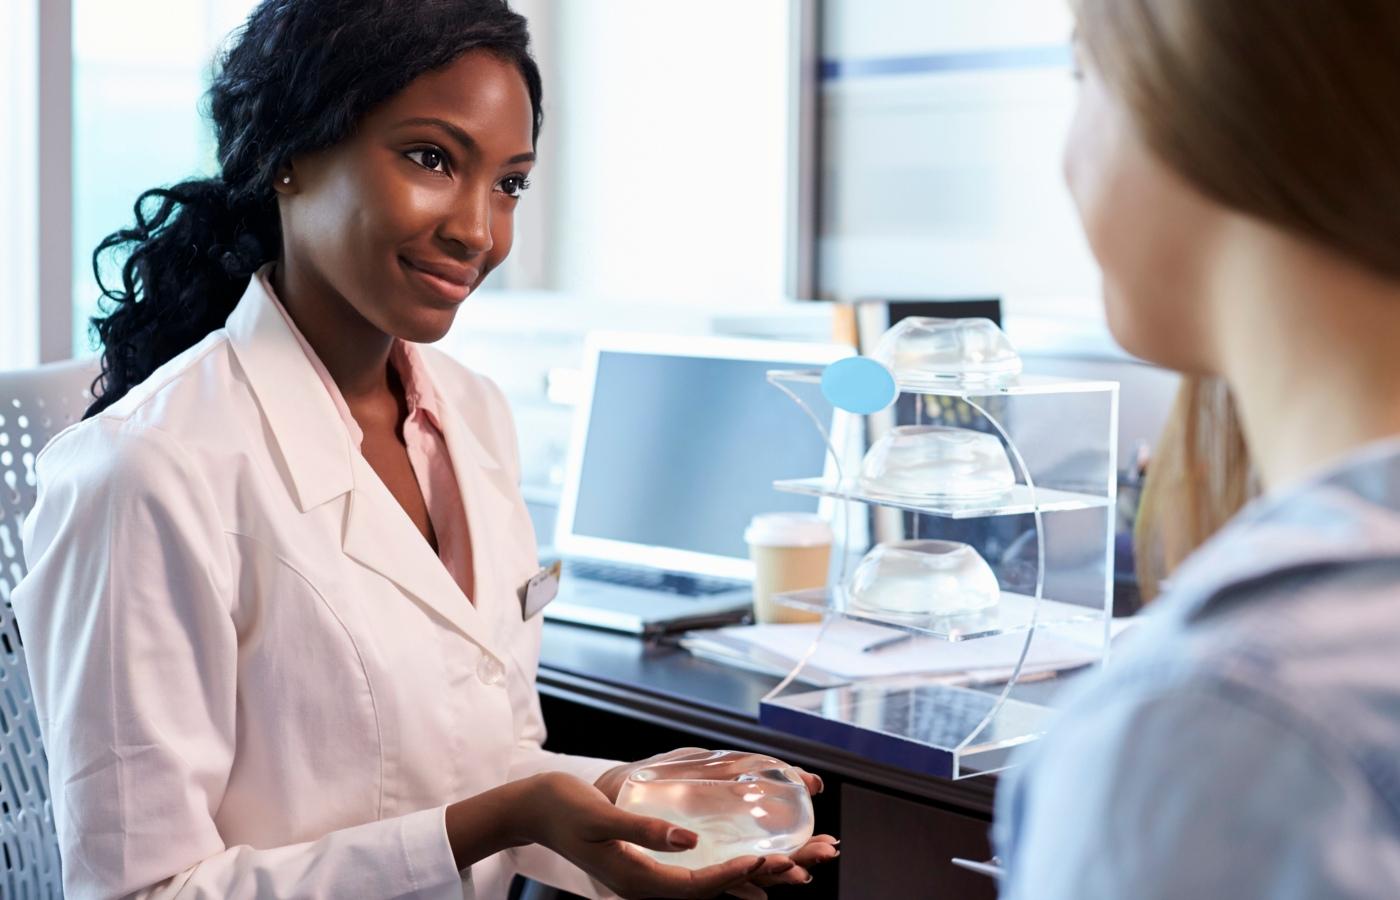 médica e paciente com implante mamário